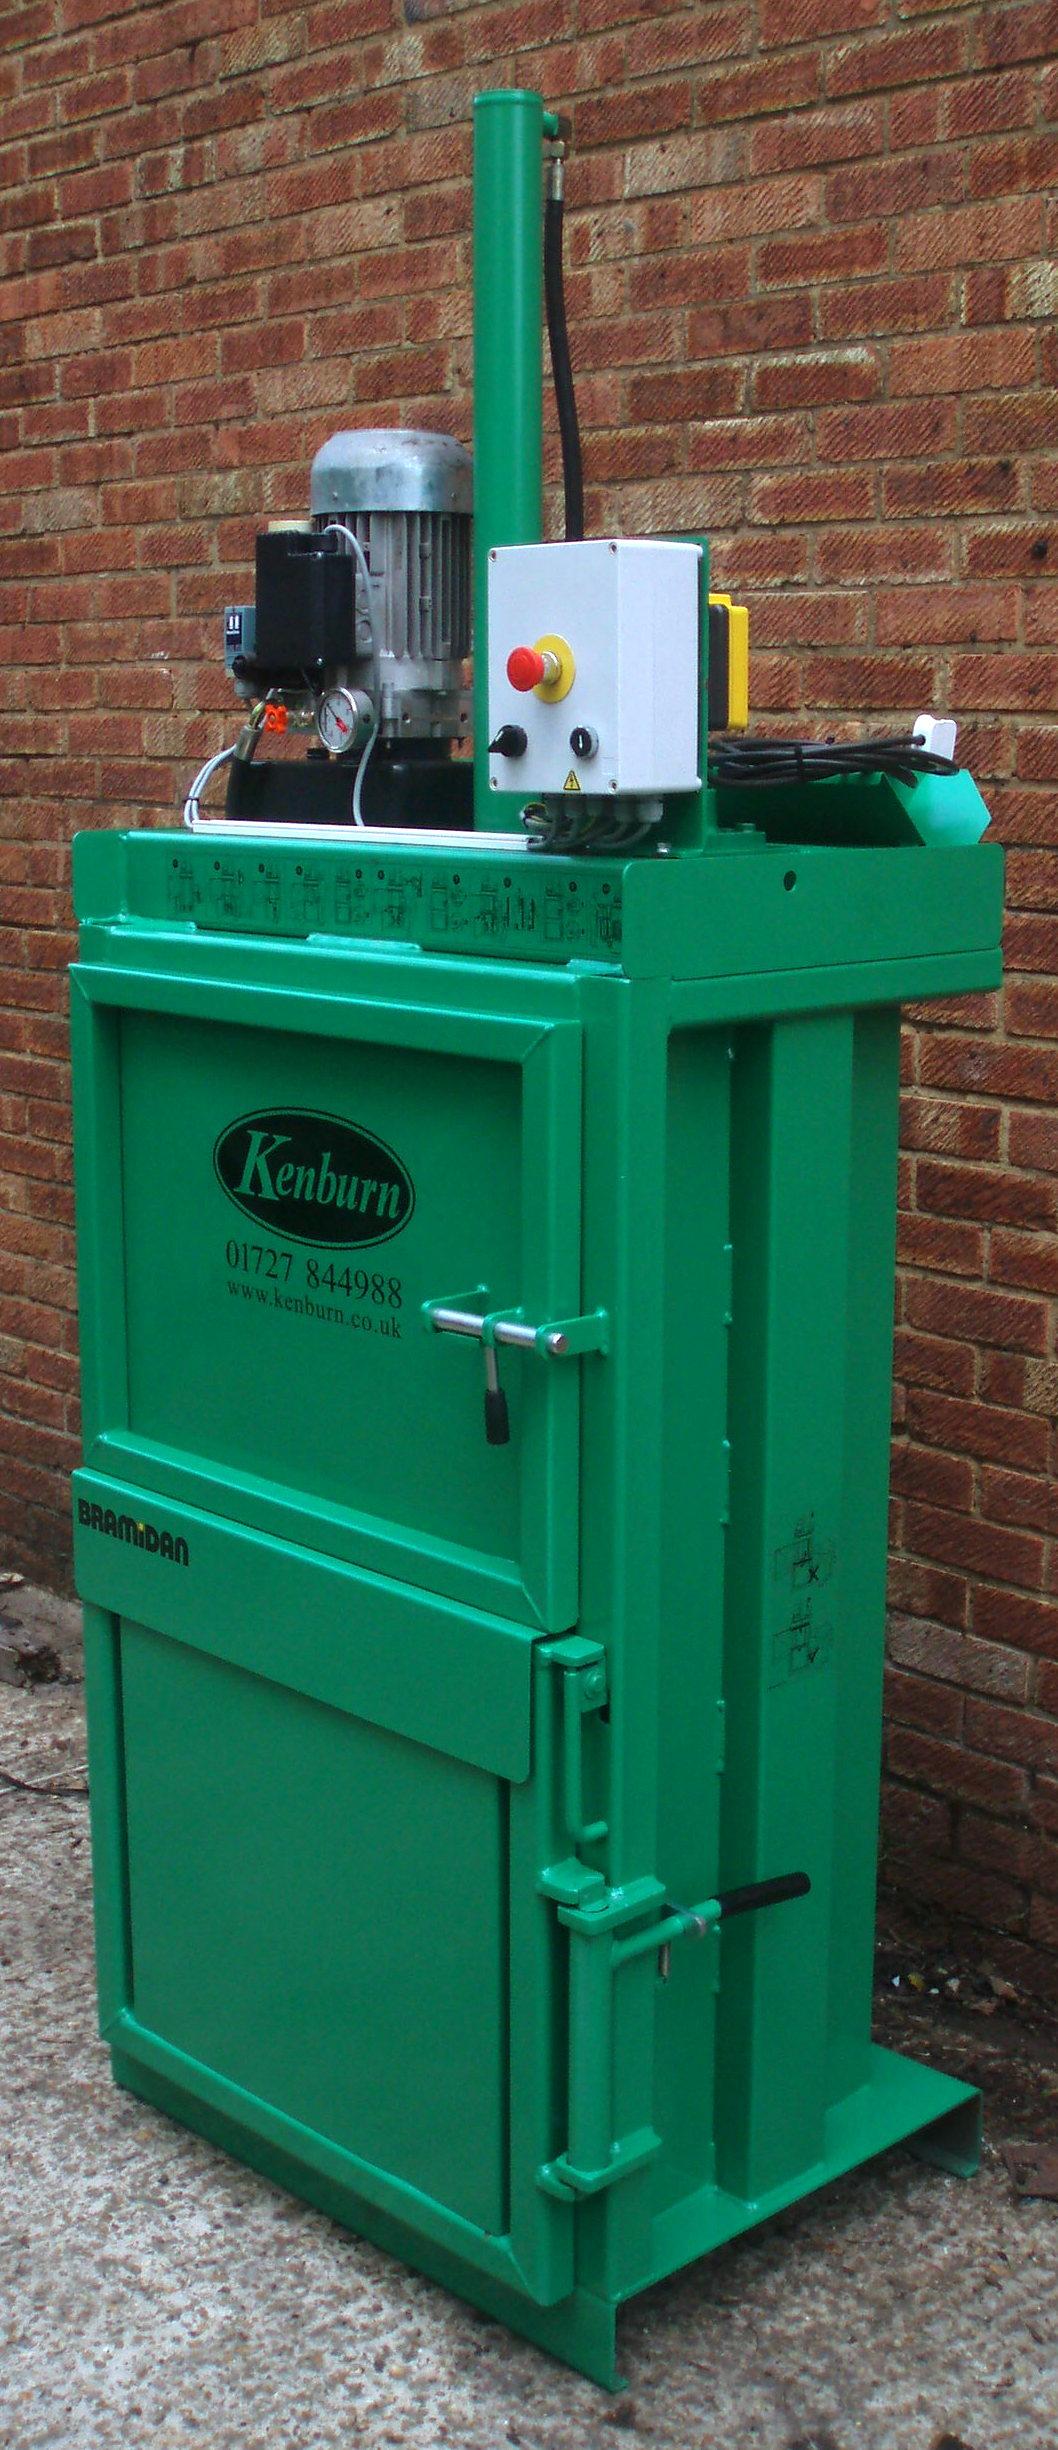 Bramidan 2-0G waste baler refurbished at Kenburn